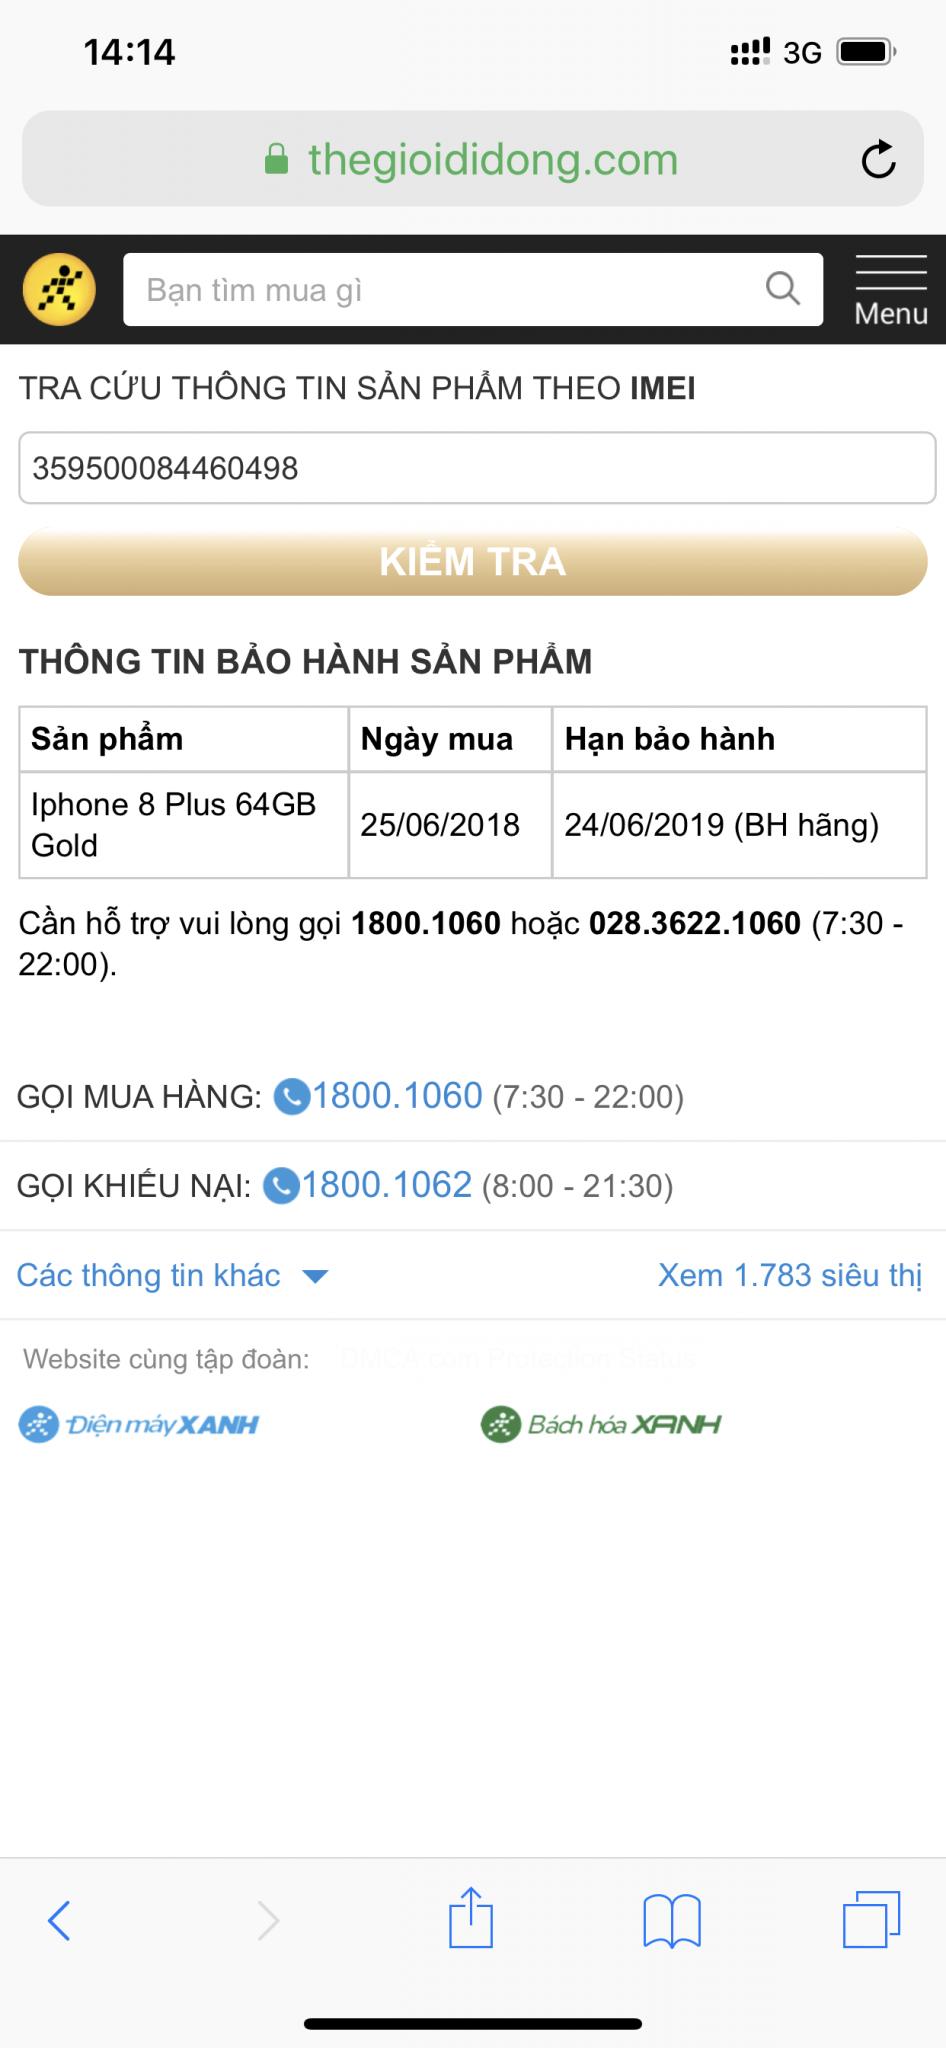 11788260_E6ABB217-E953-4E12-B3B2-E48F41D5CD06.png